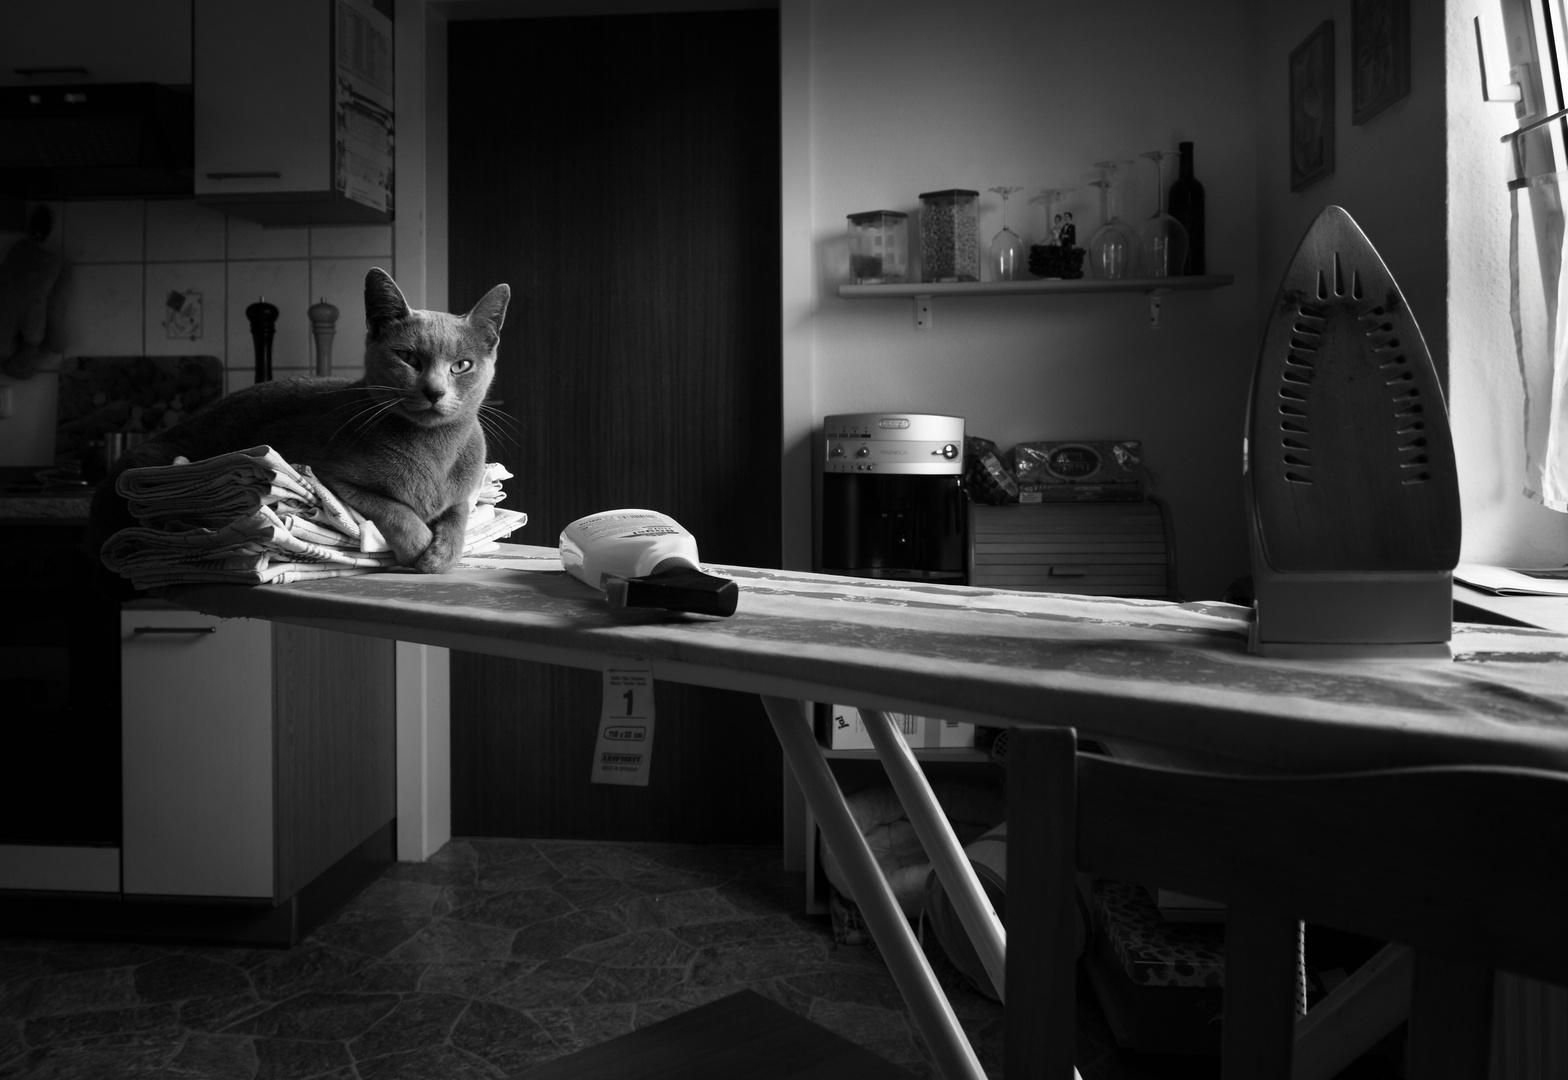 Die Katze in der Küche ersetzt das Bügeln nicht...